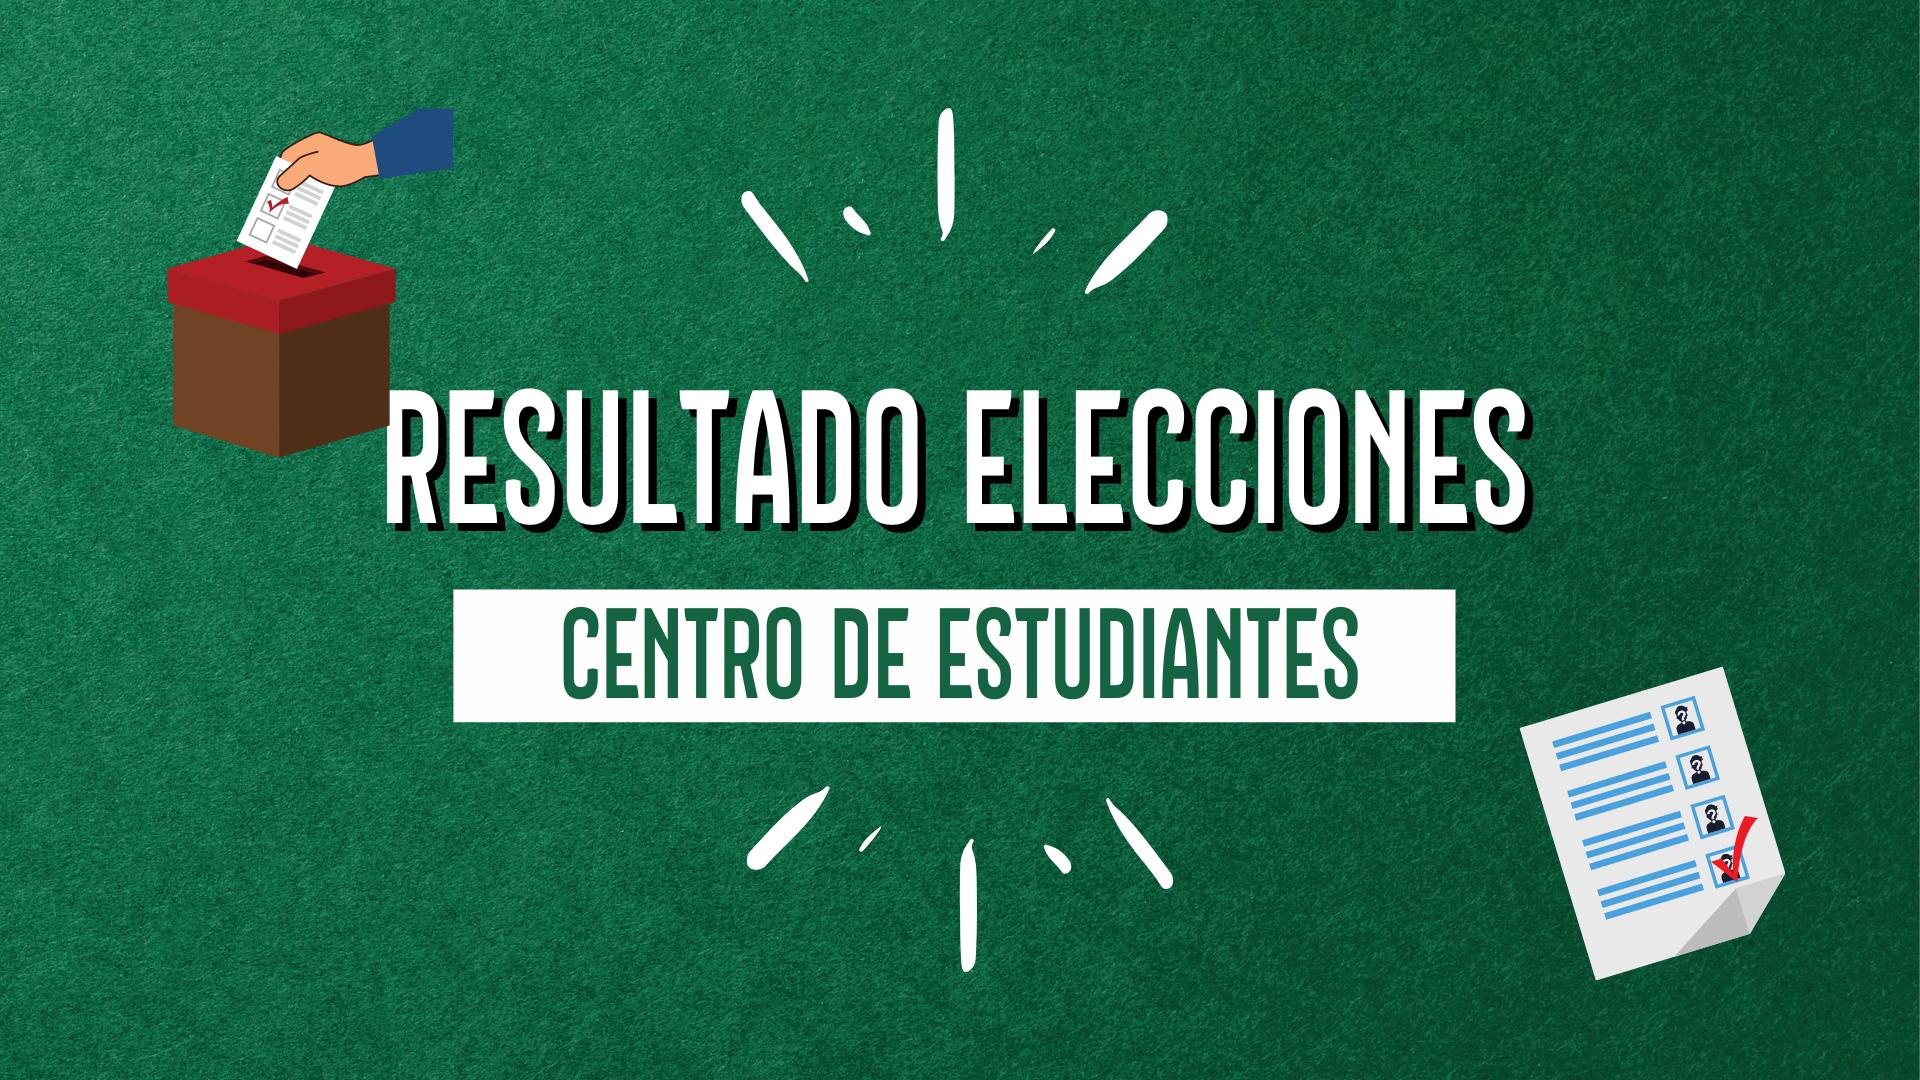 RESULTADO ELECCIONES CENTRO DE ESTUDIANTES